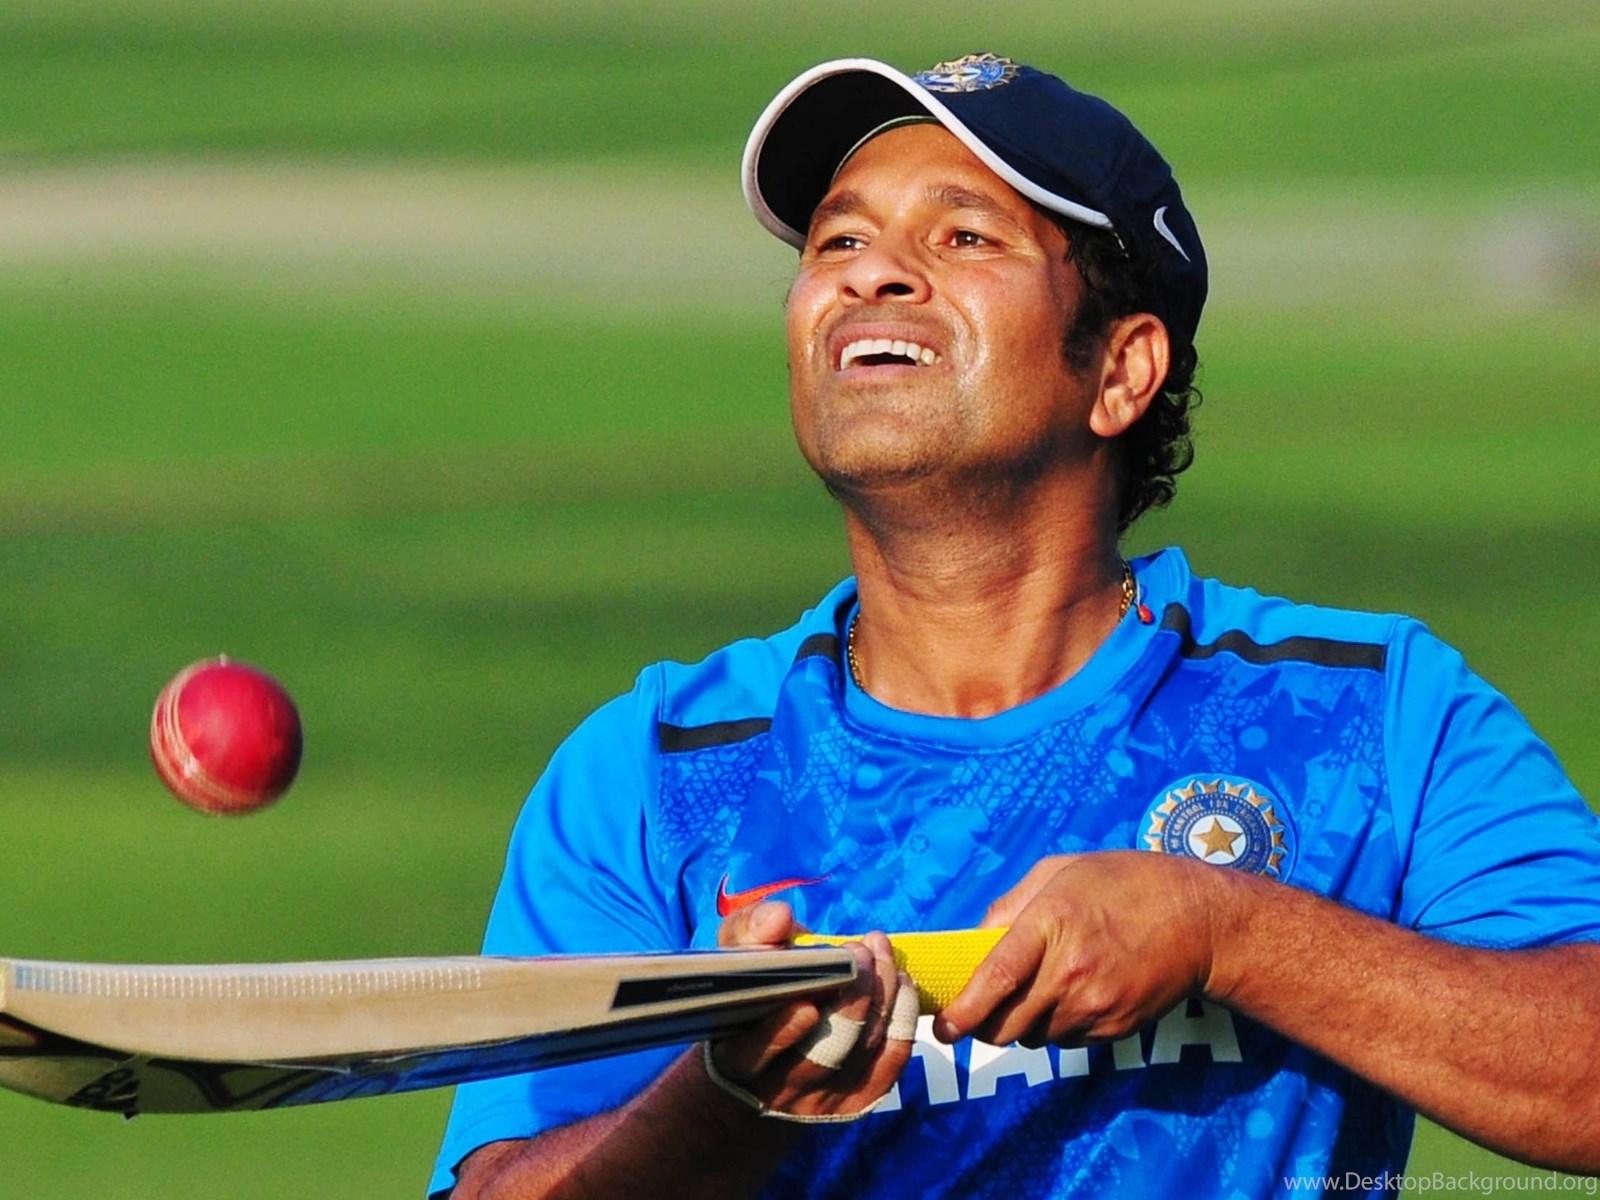 cricket sachin tendulkar indian player wallpapers desktop background